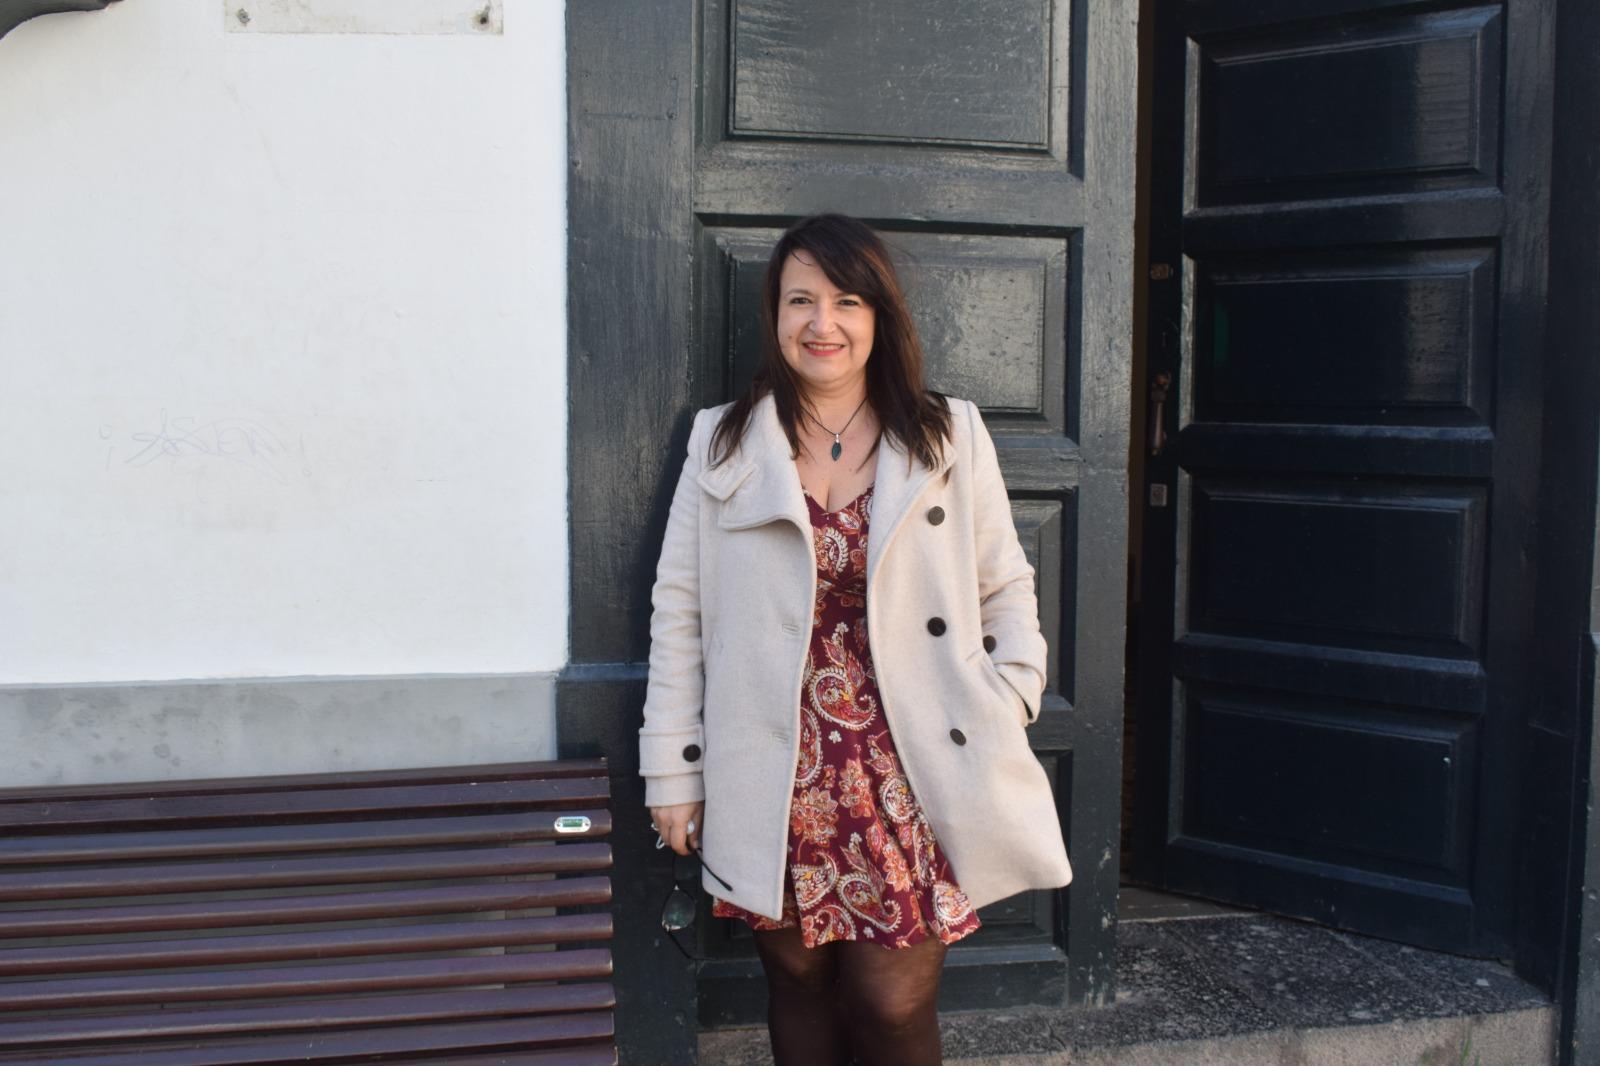 Tere Ayala, concejala de Hacienda del Ayuntamiento de Santa Cruz de La Palma / CanariasNoticias.es